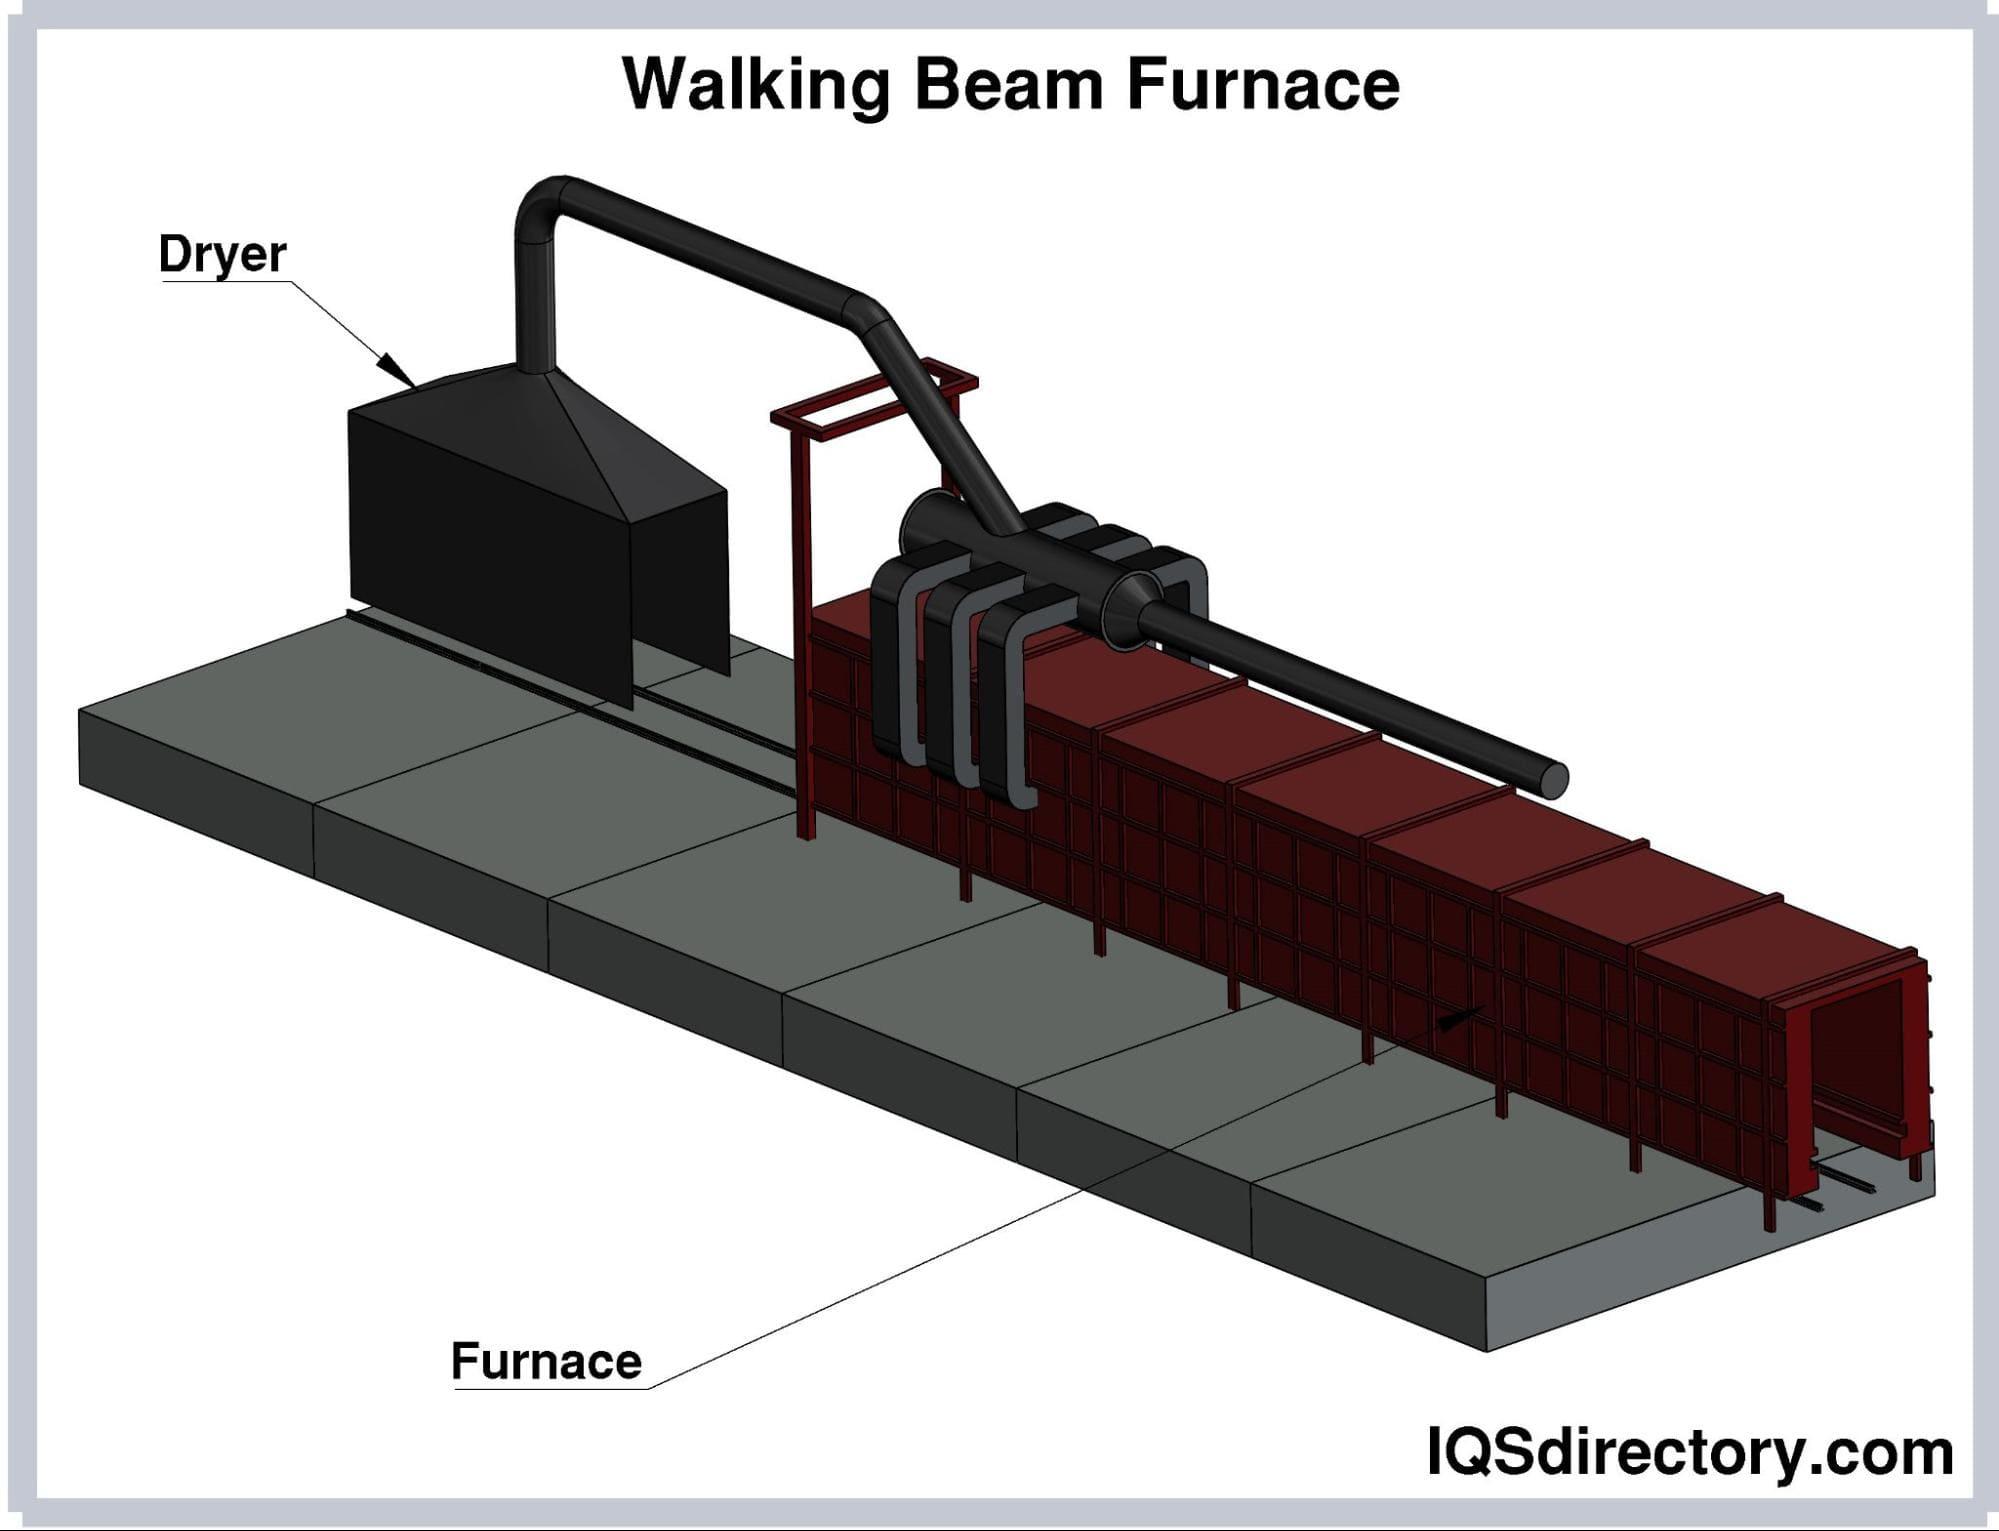 Walking Beam Furnace